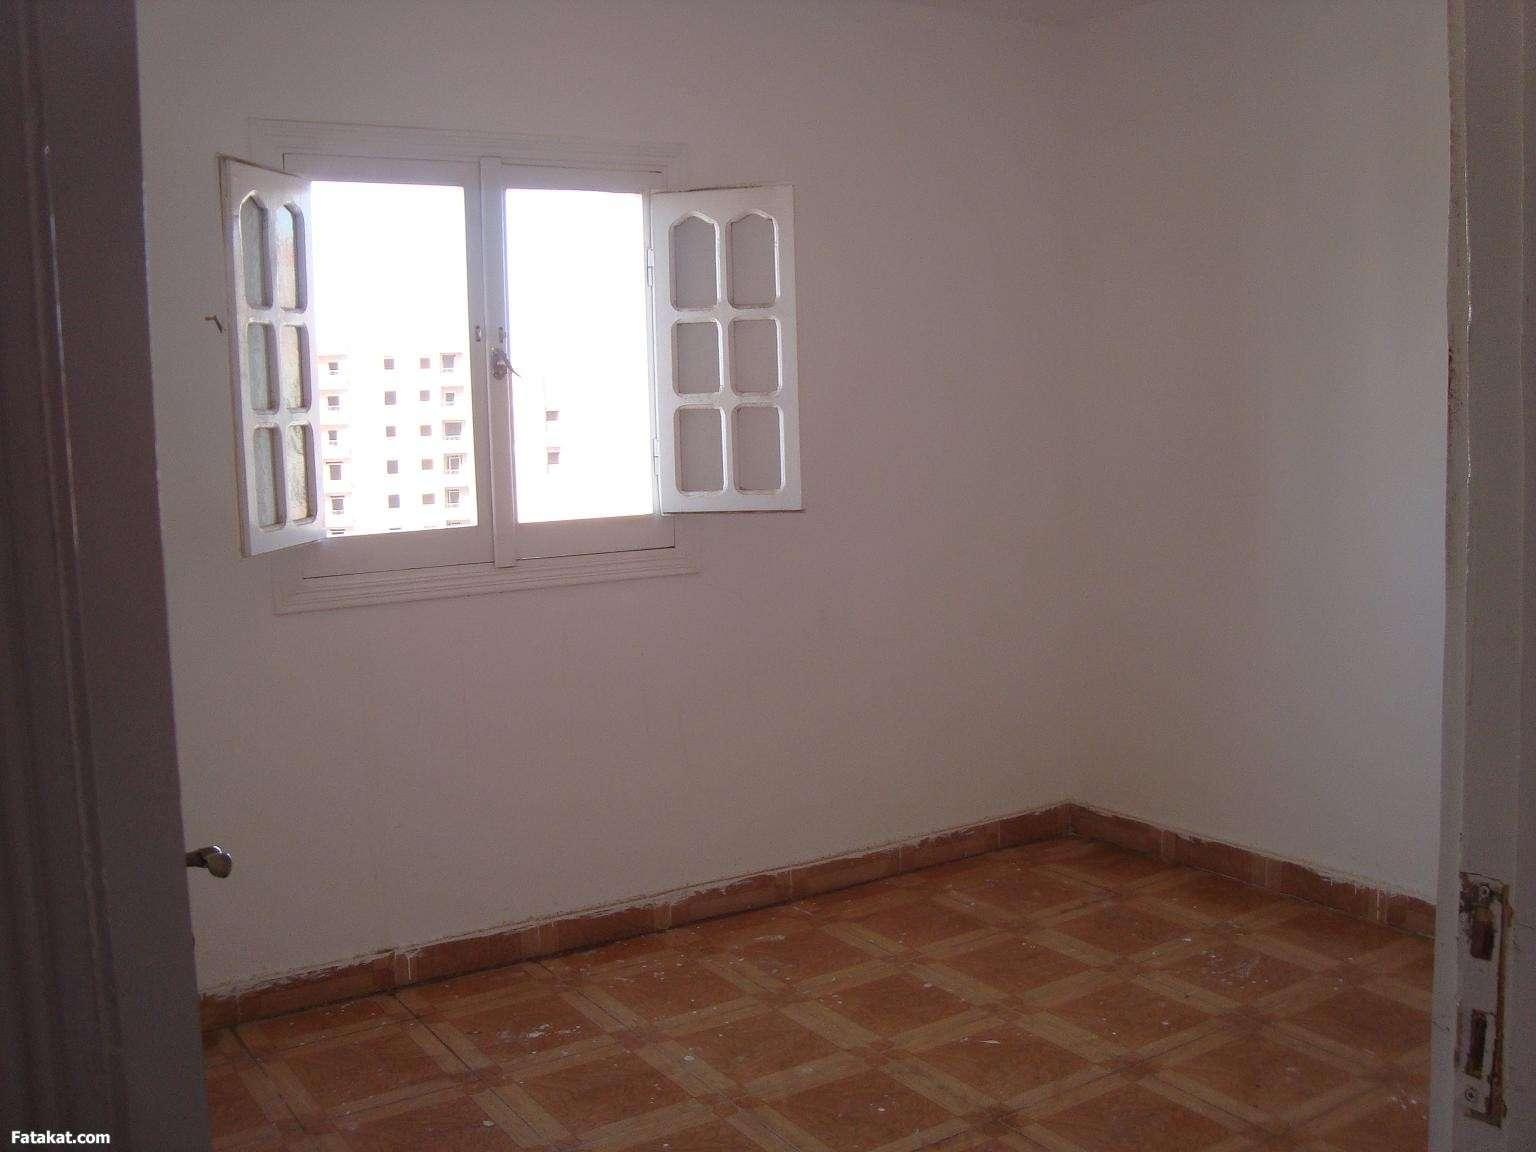 كل صور شقة الطوابق فيصل التحفة 13340205018680